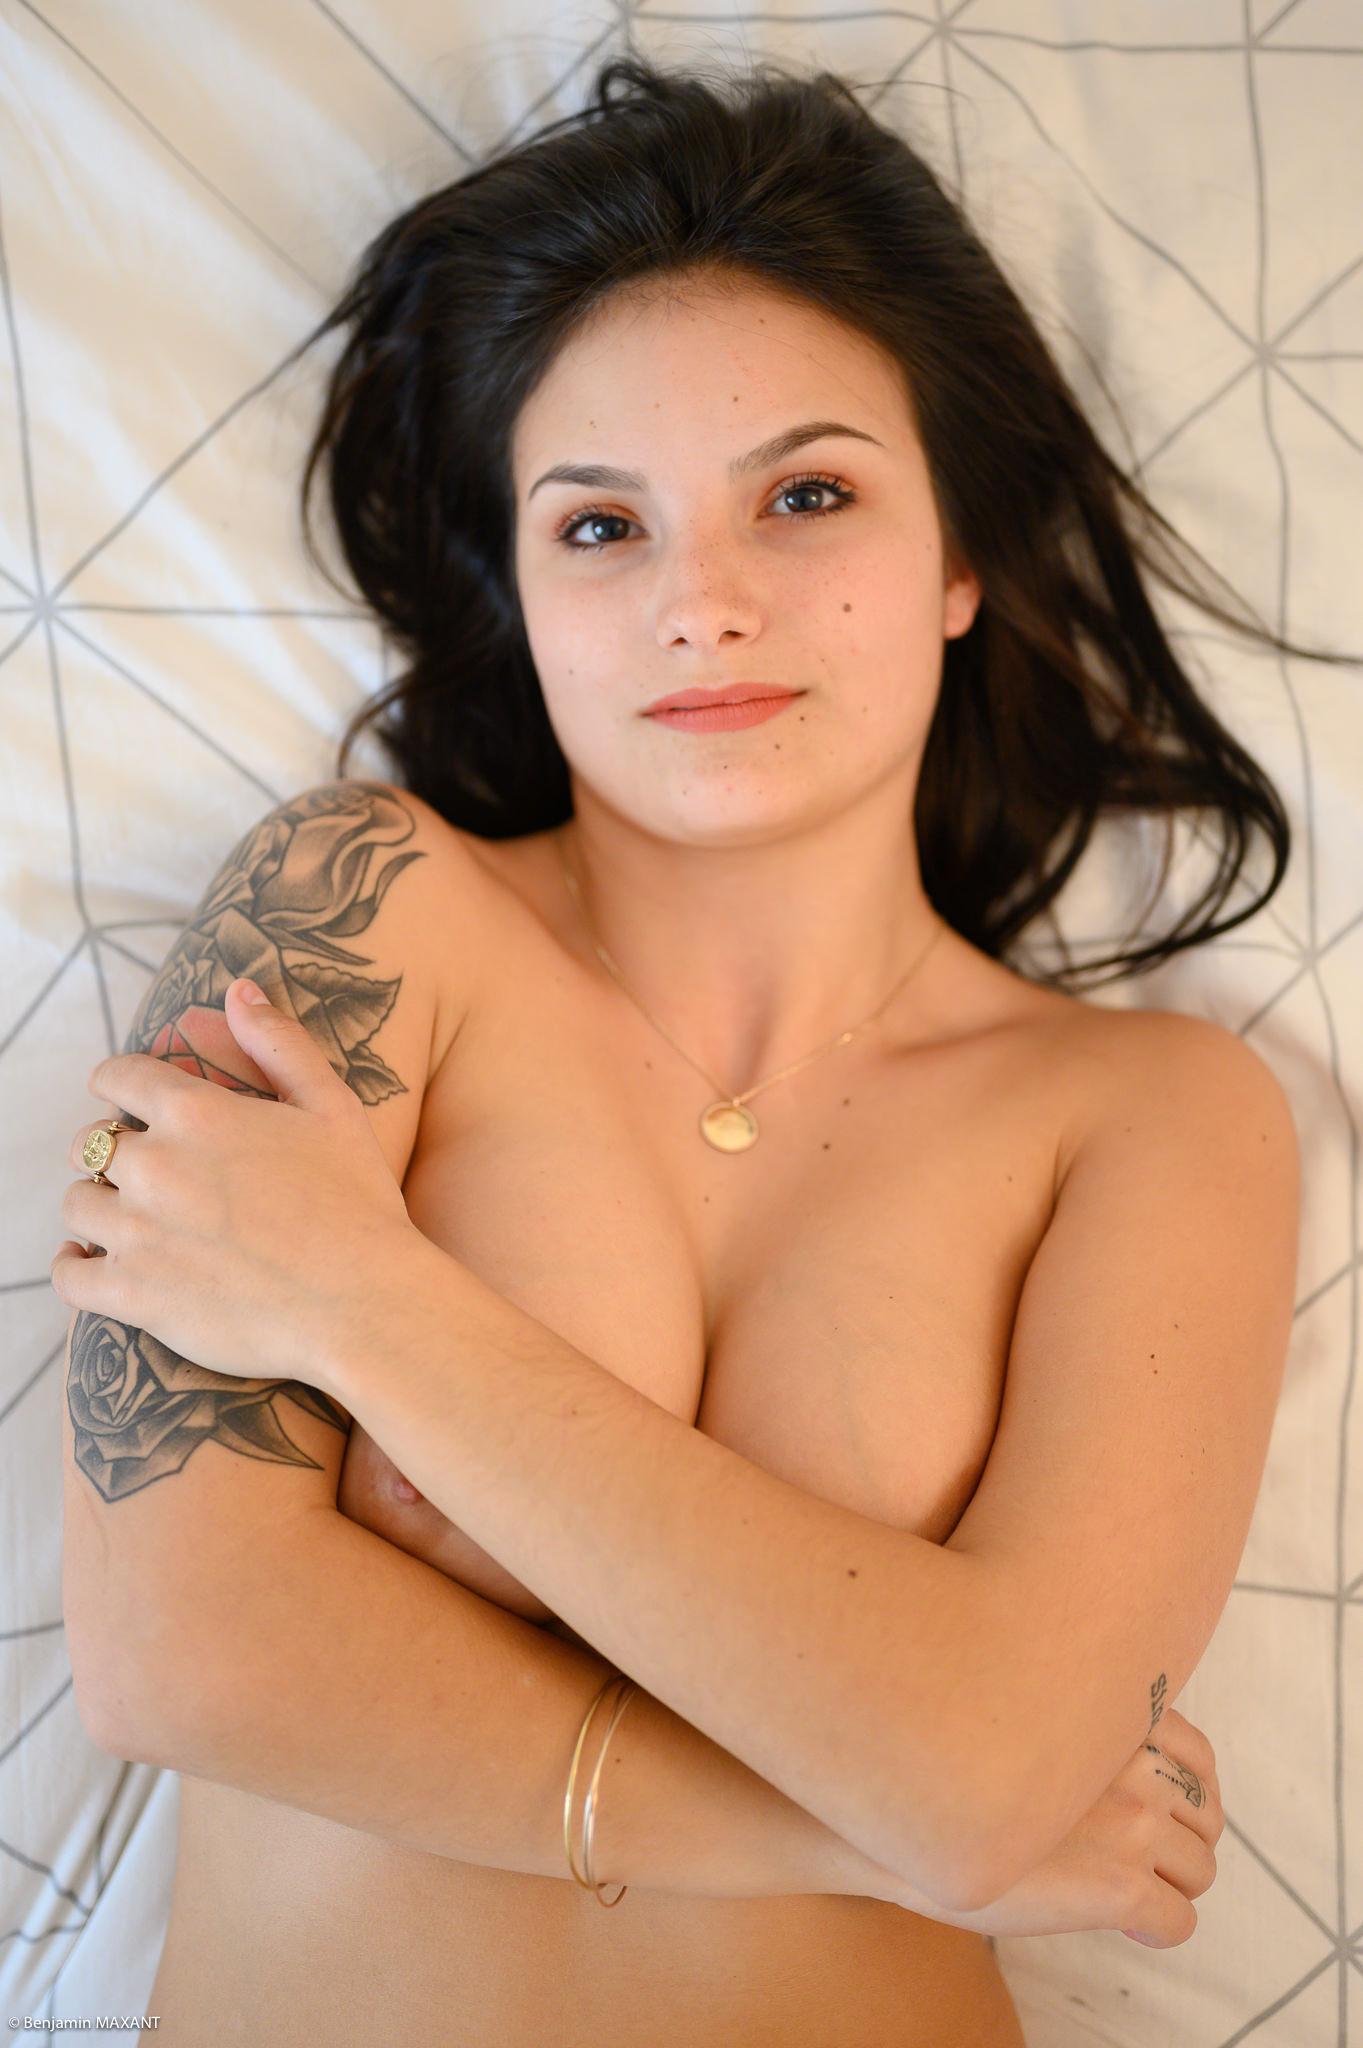 Séance photo boudoir topless sur le lit